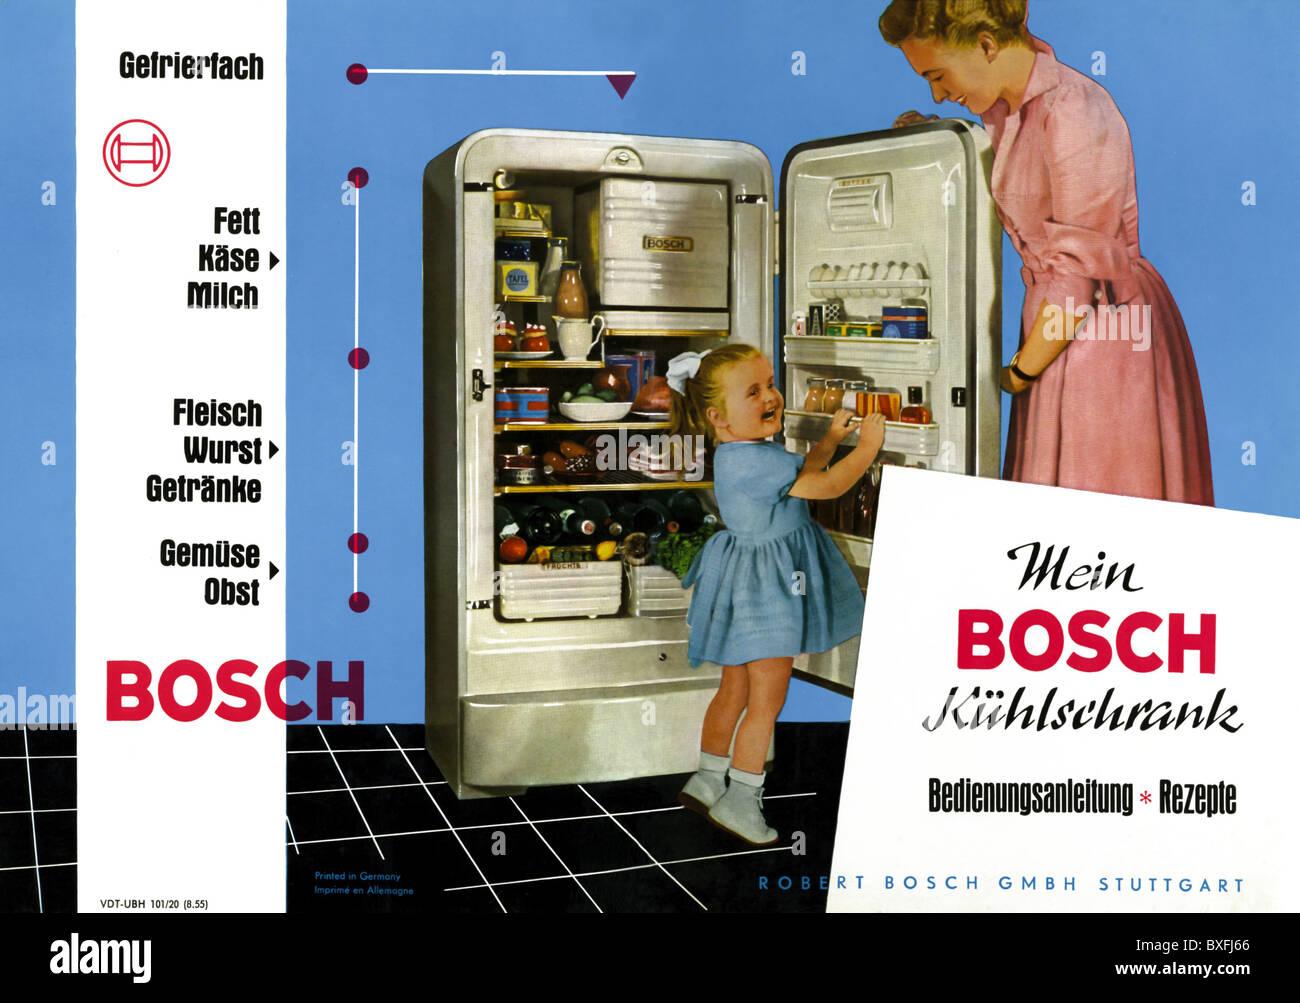 Bosch Kühlschrank Mit Kamera : Werbung haushaltsgeräte haushaltswaren küchengeräte bosch